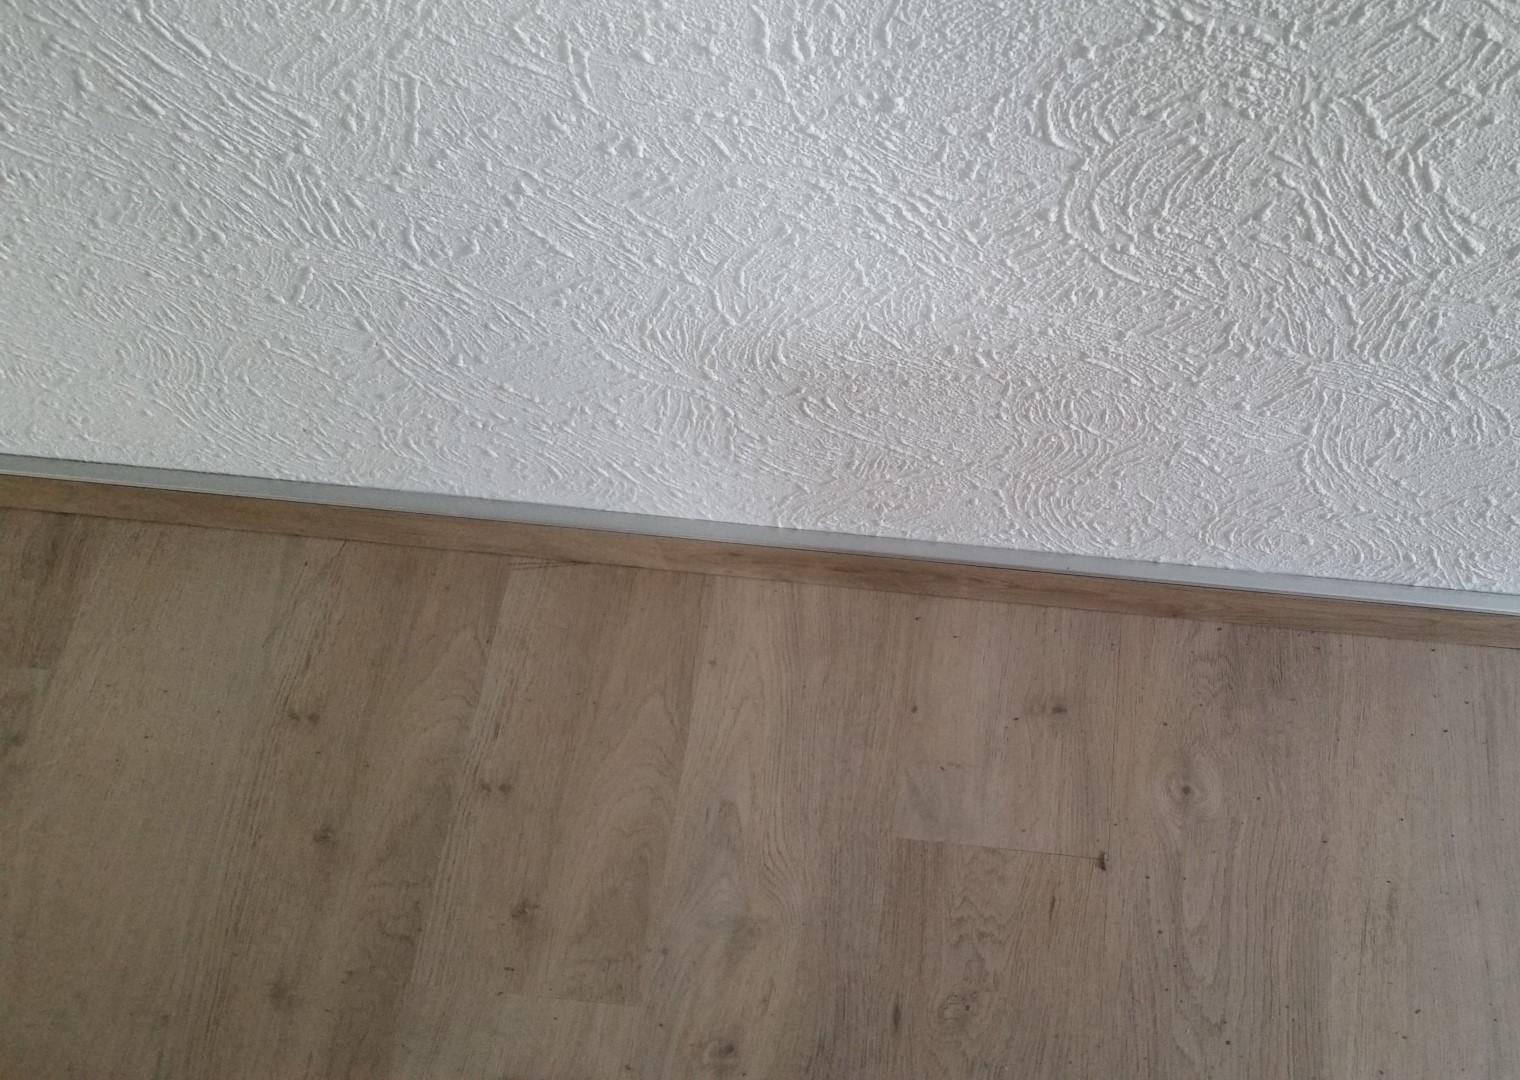 Fliesen Sockel verstecken, eine elegante Lösung. › Fußboden